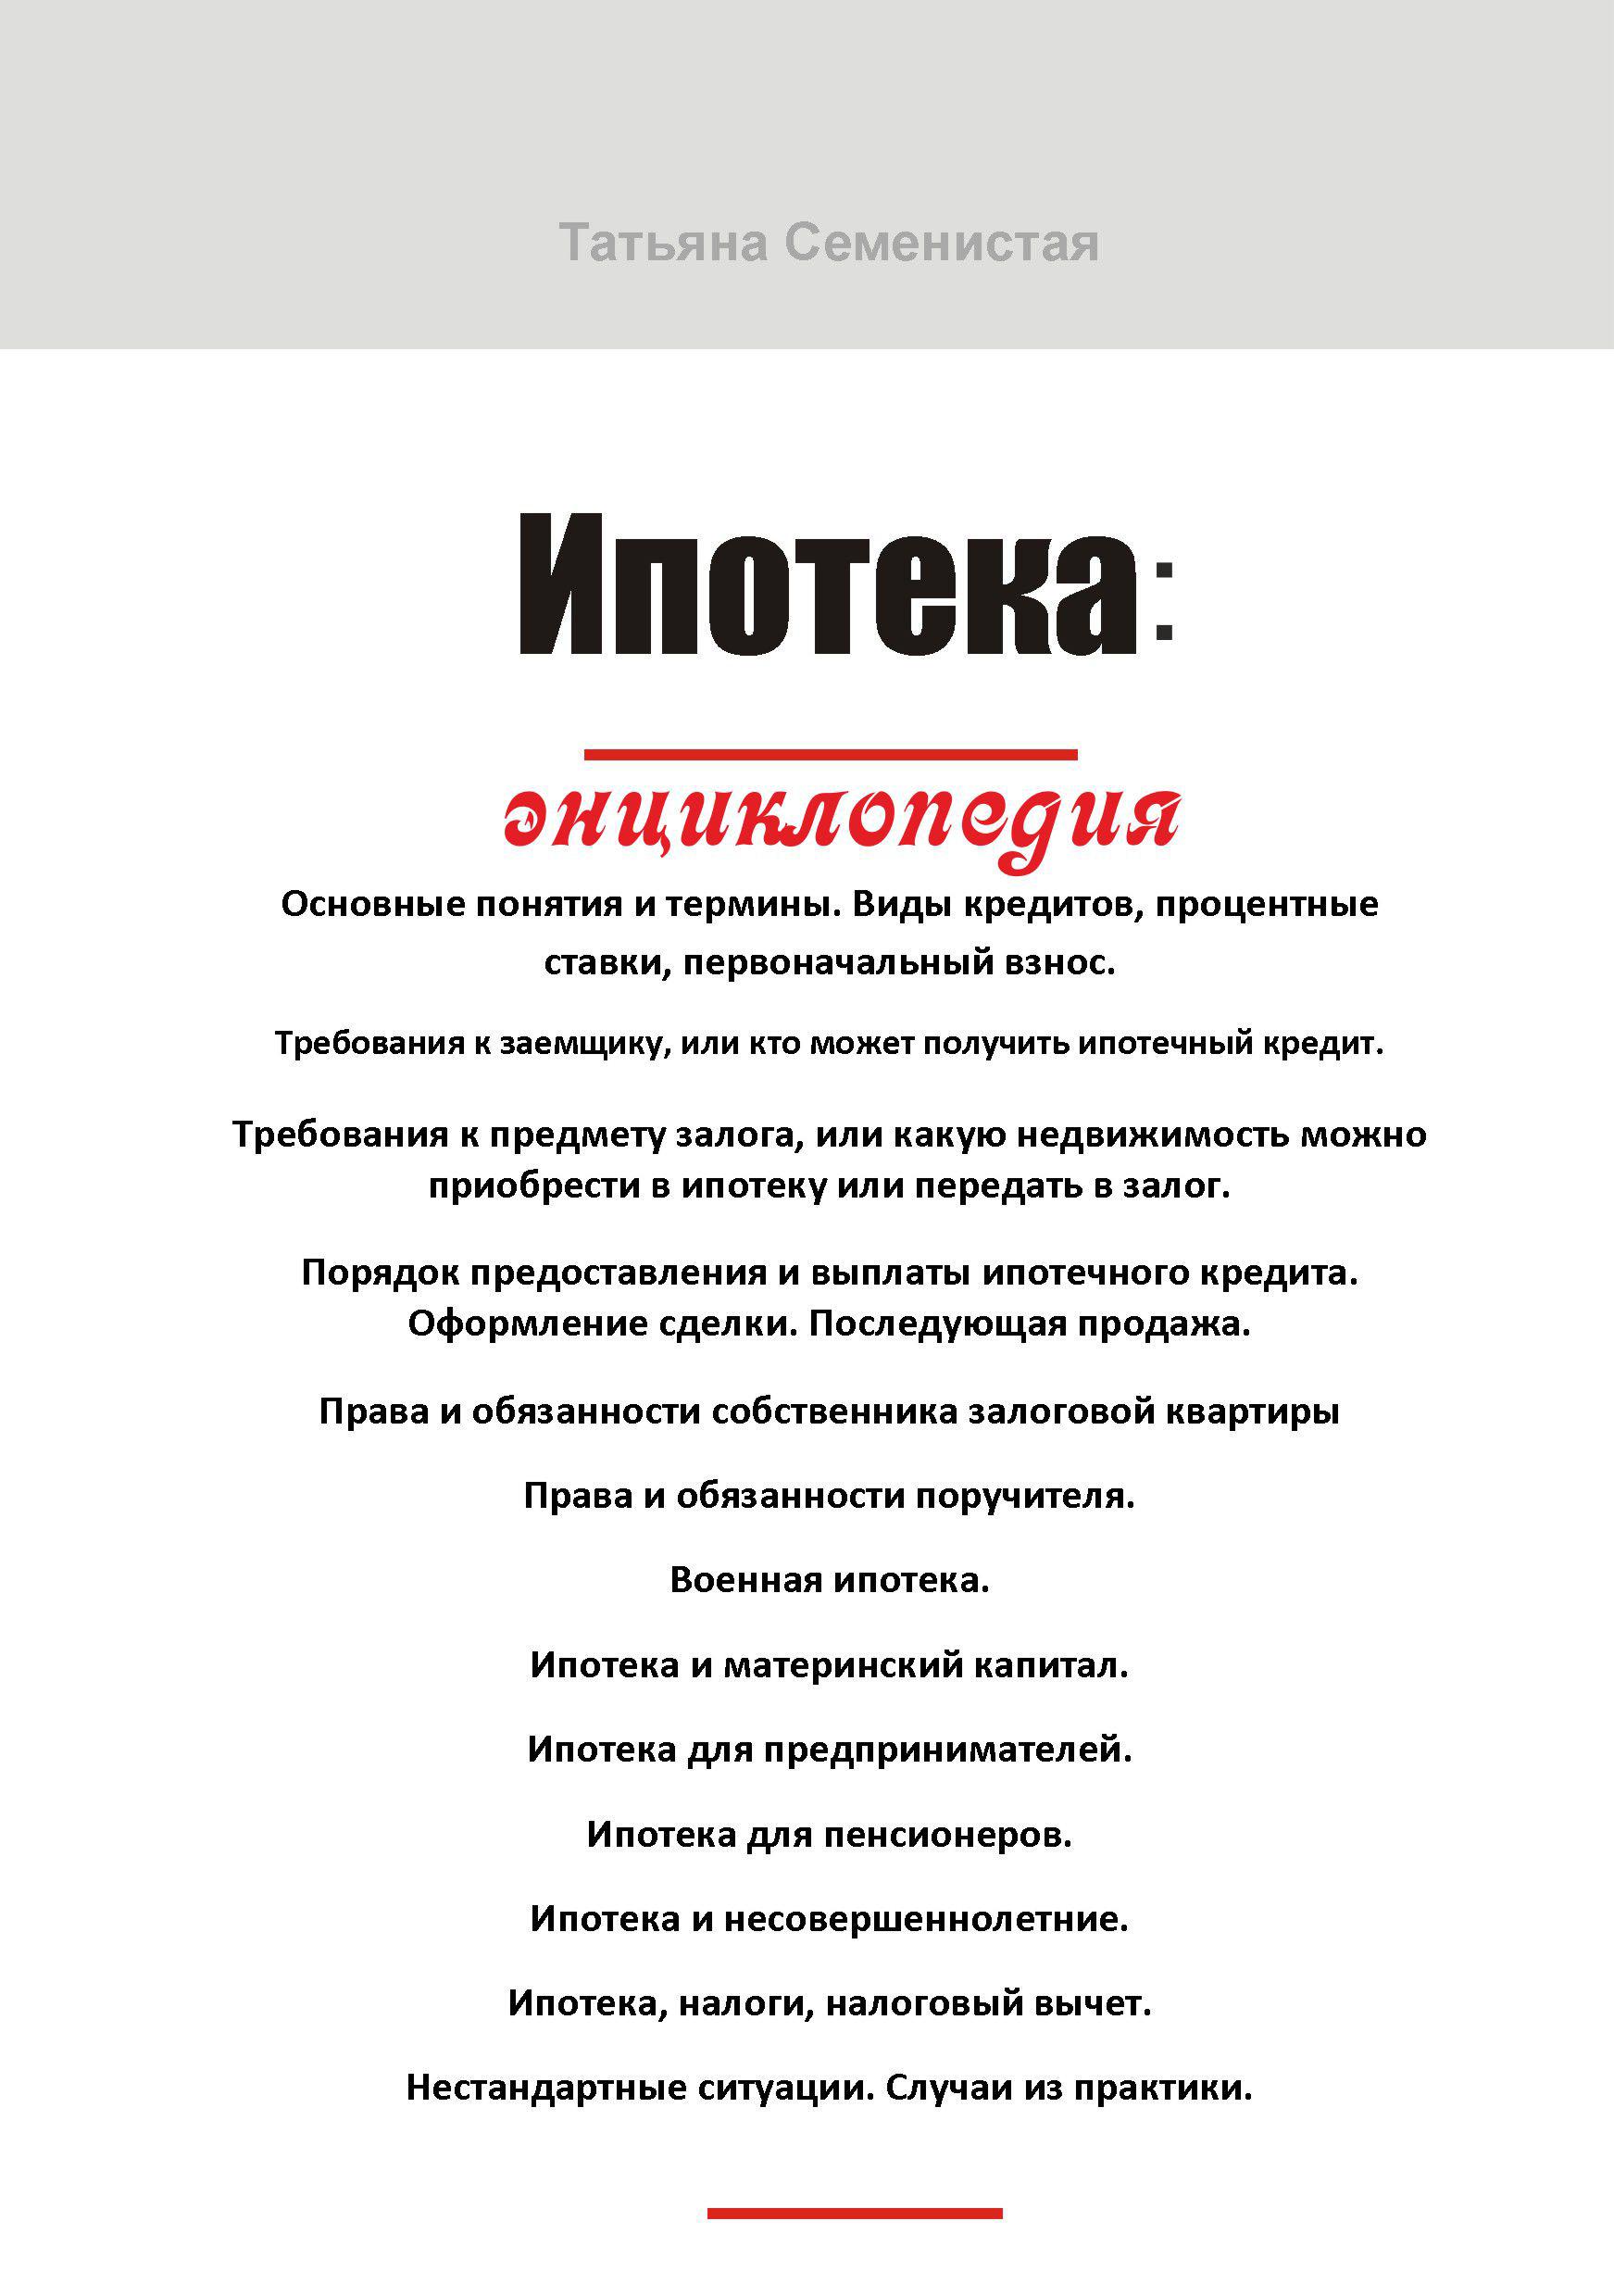 Обложка книги. Автор - Татьяна Семенистая